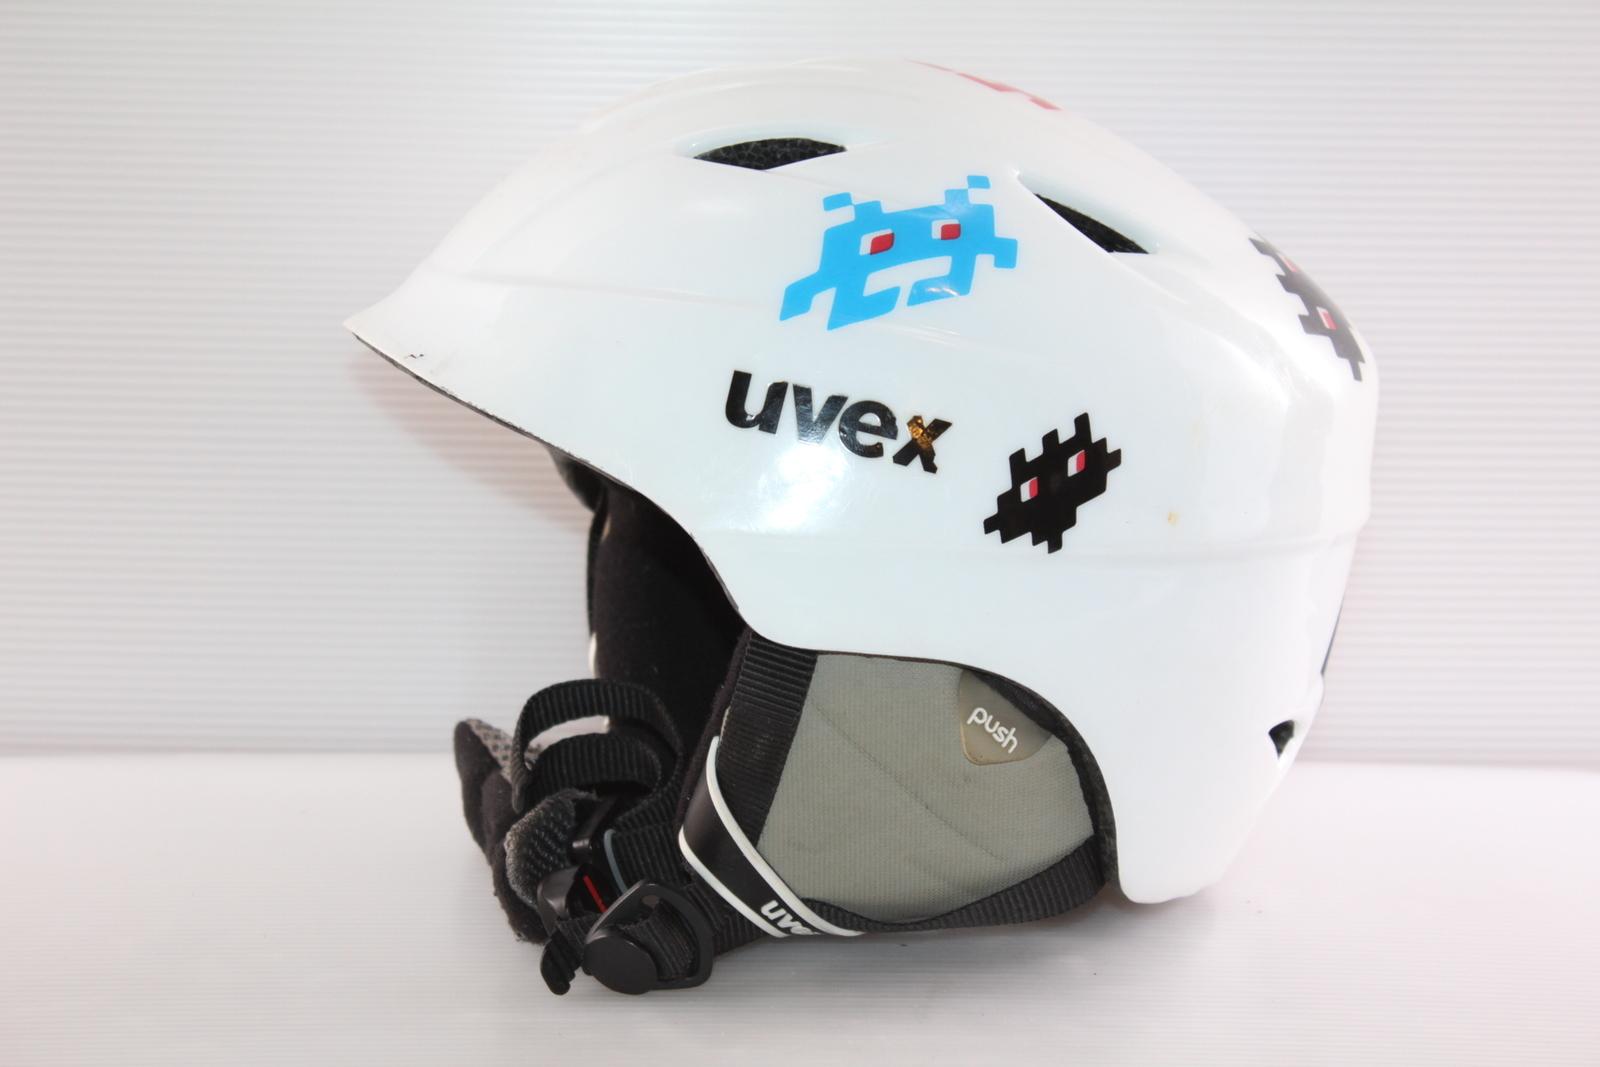 Dětská lyžařská helma Uvex  - posuvná vel. 52 - 54